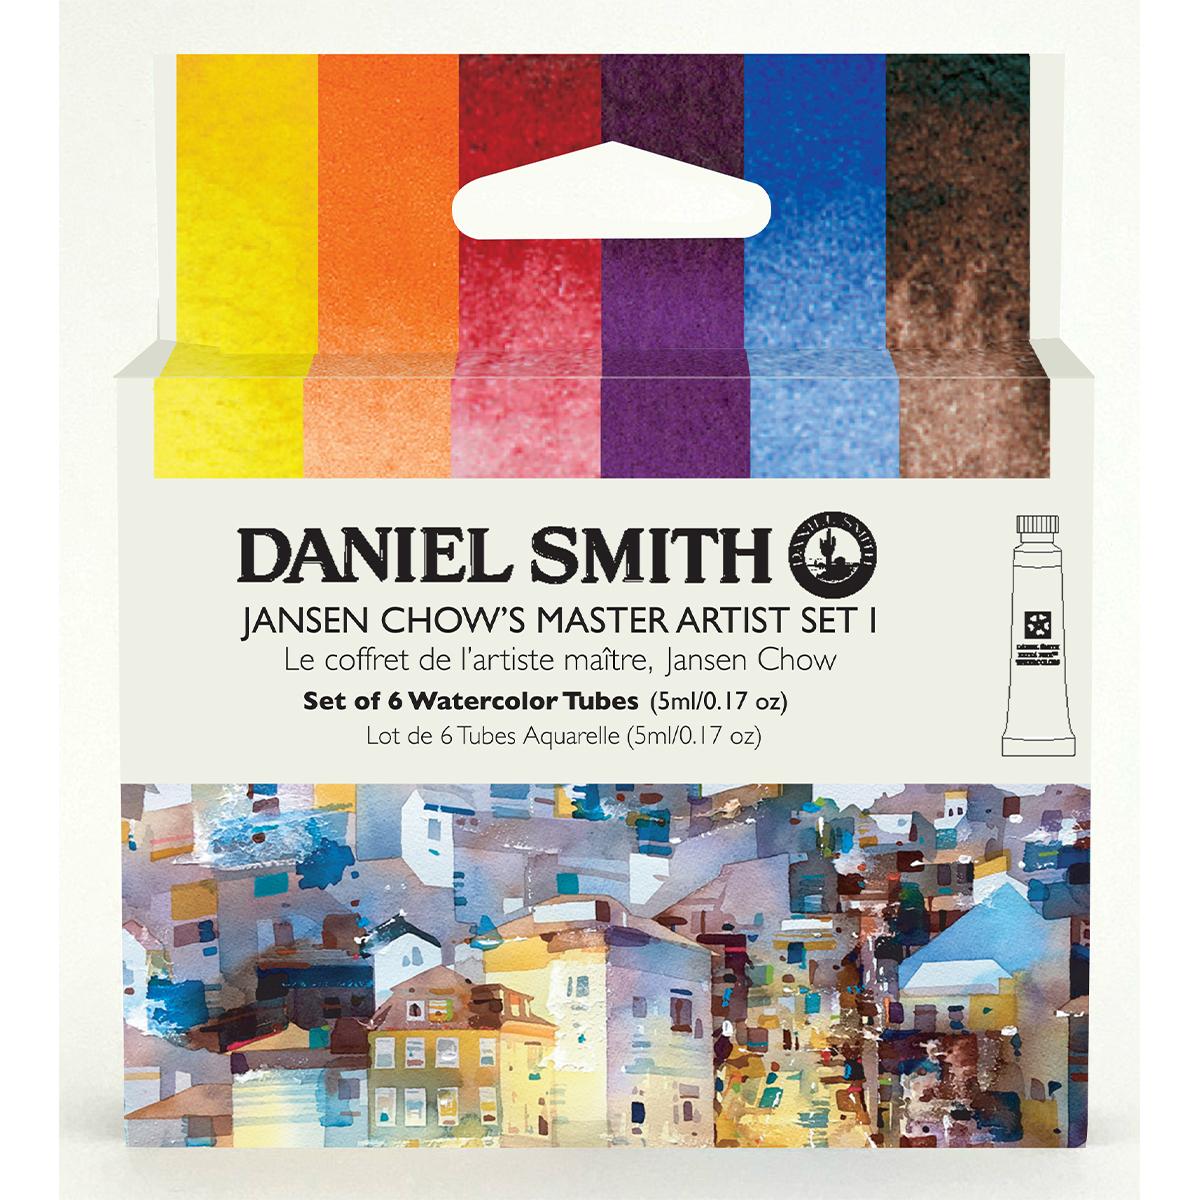 DANIEL SMITH ジャンセン チャウマスターアーティストセットI 6色 セット 贈与 ダニエル 5mlチューブ 水彩絵具 スミス SALE